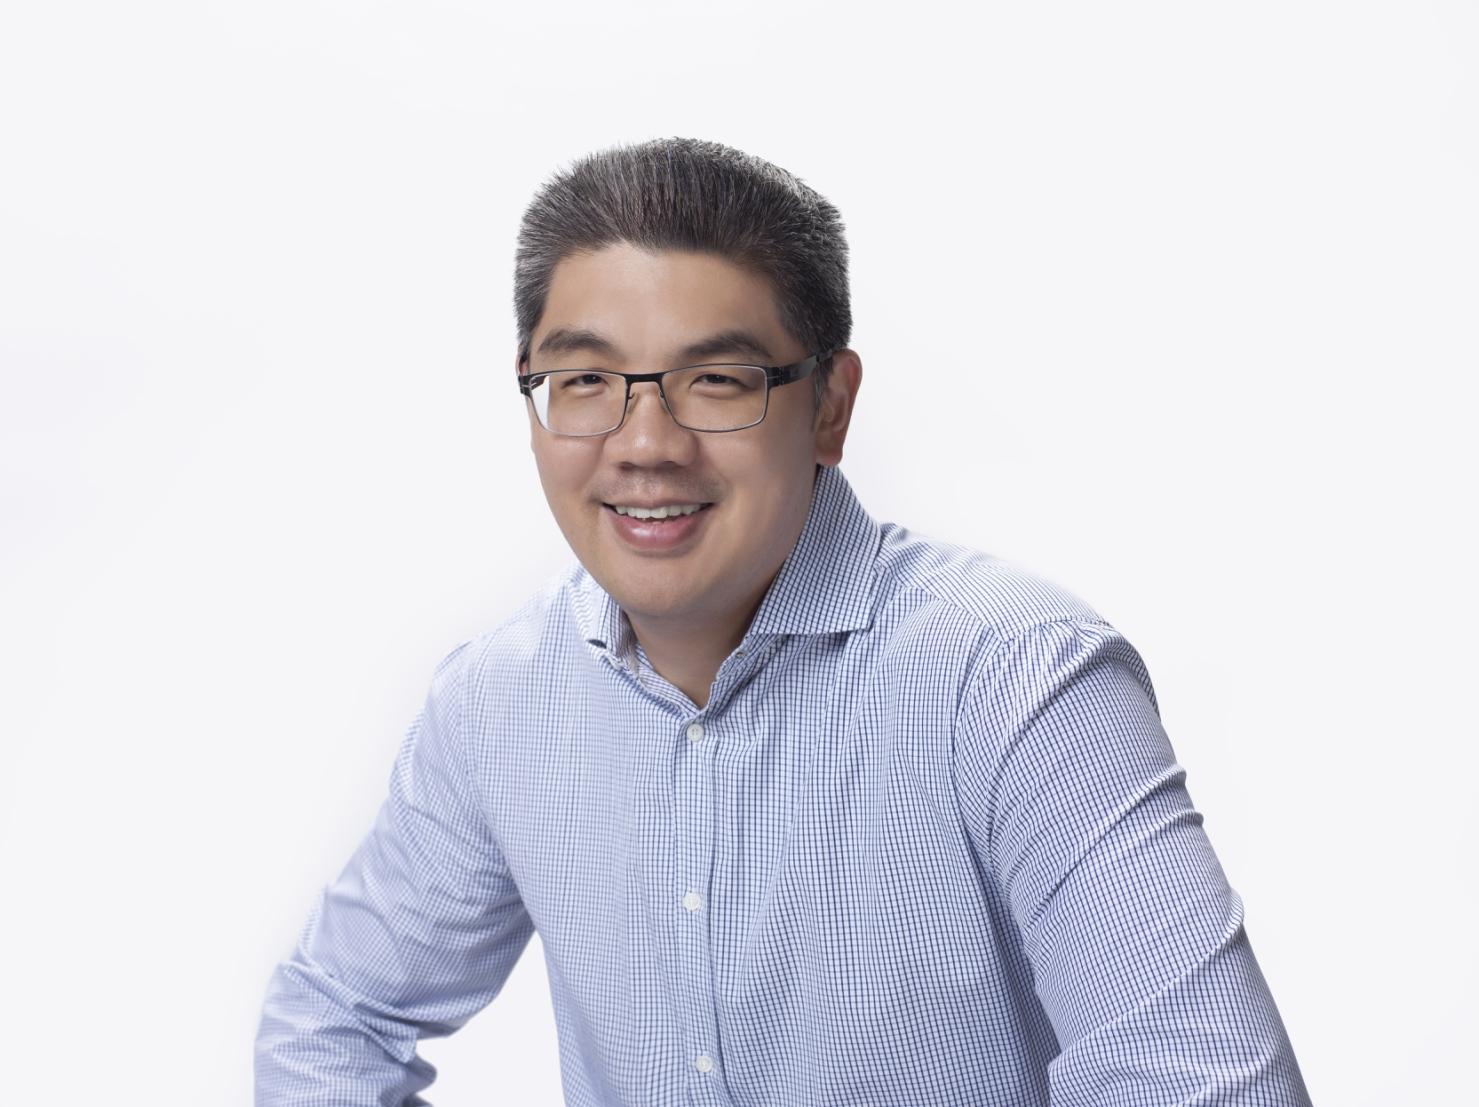 連勝文 - 青年網